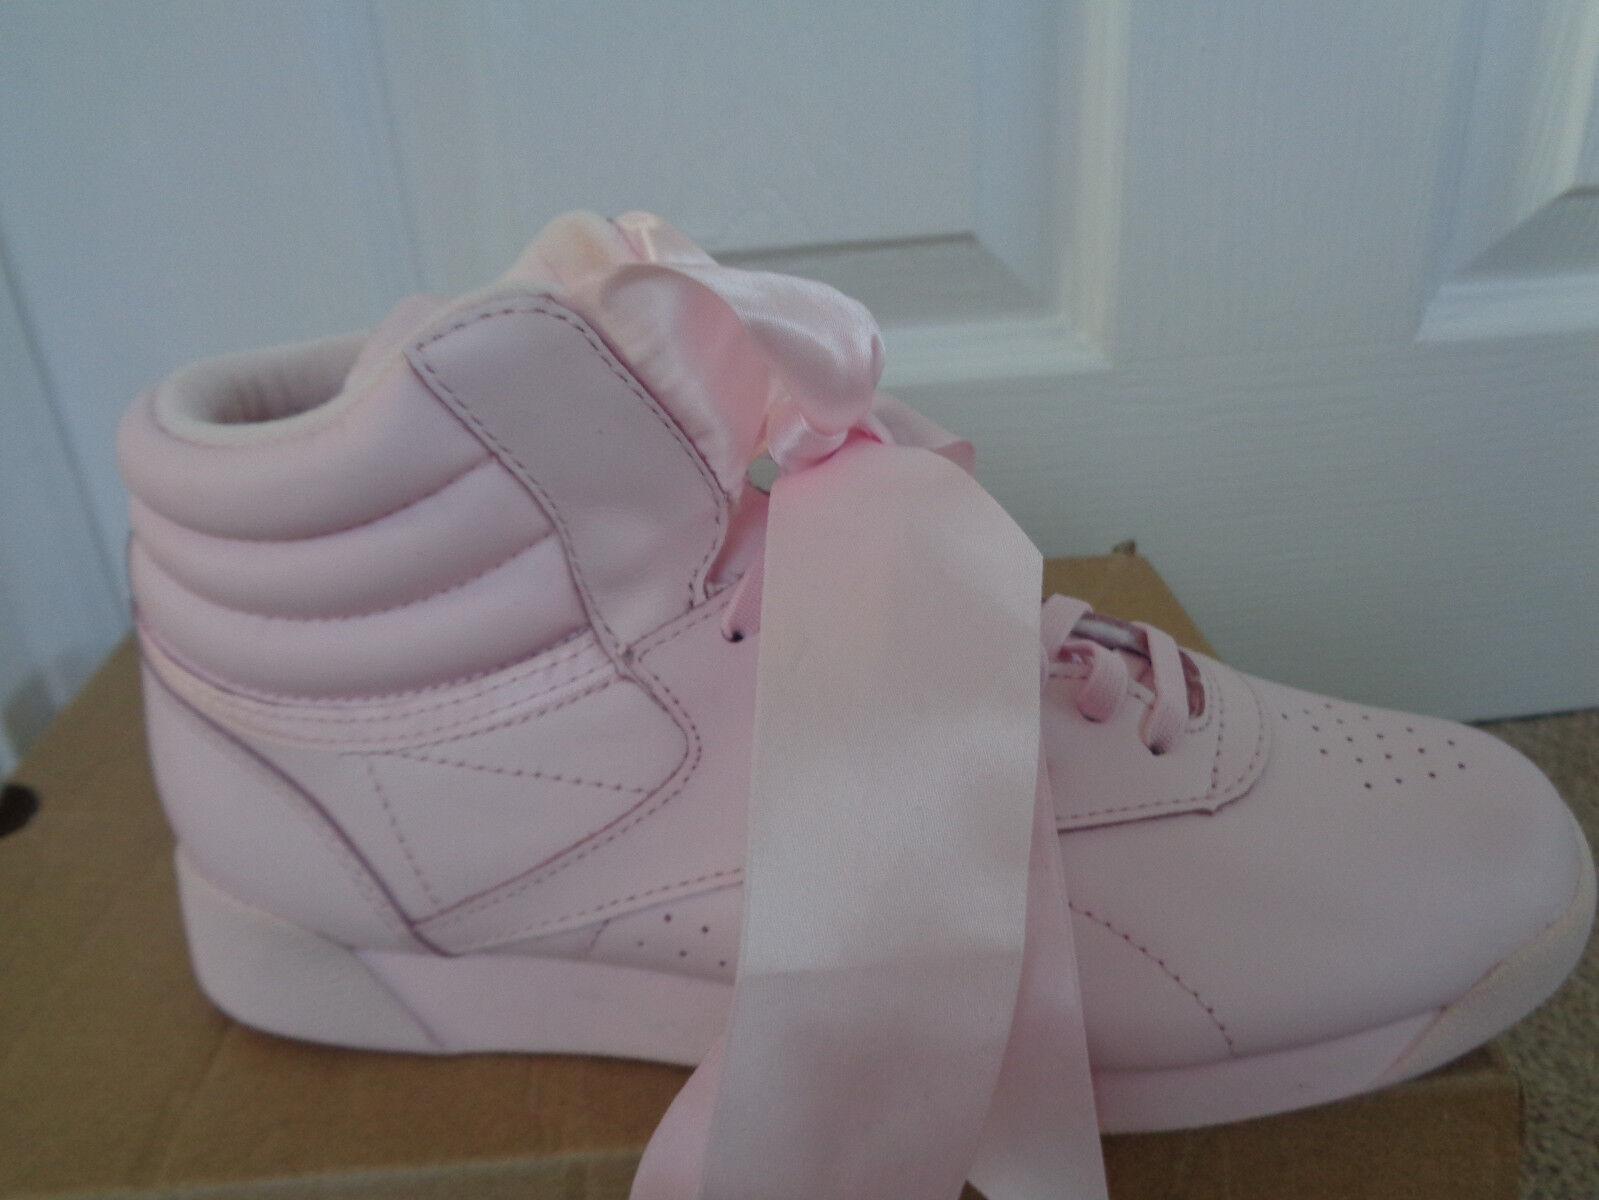 Reebok F S Hi arco de satén satén de para mujer Zapatillas zapatillas CM8905 UK 4 EU 37 nos 6.5 Nuevo 4b3ac6